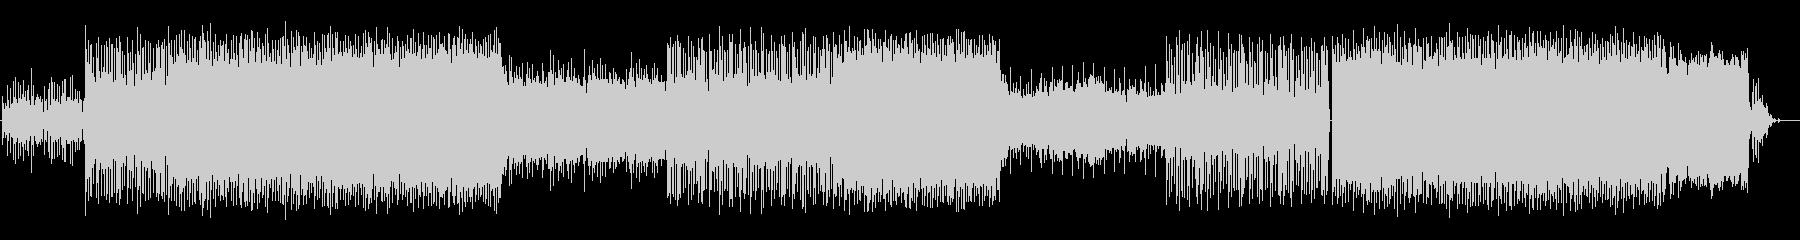 エモ感のあるローファイヒップホップの未再生の波形